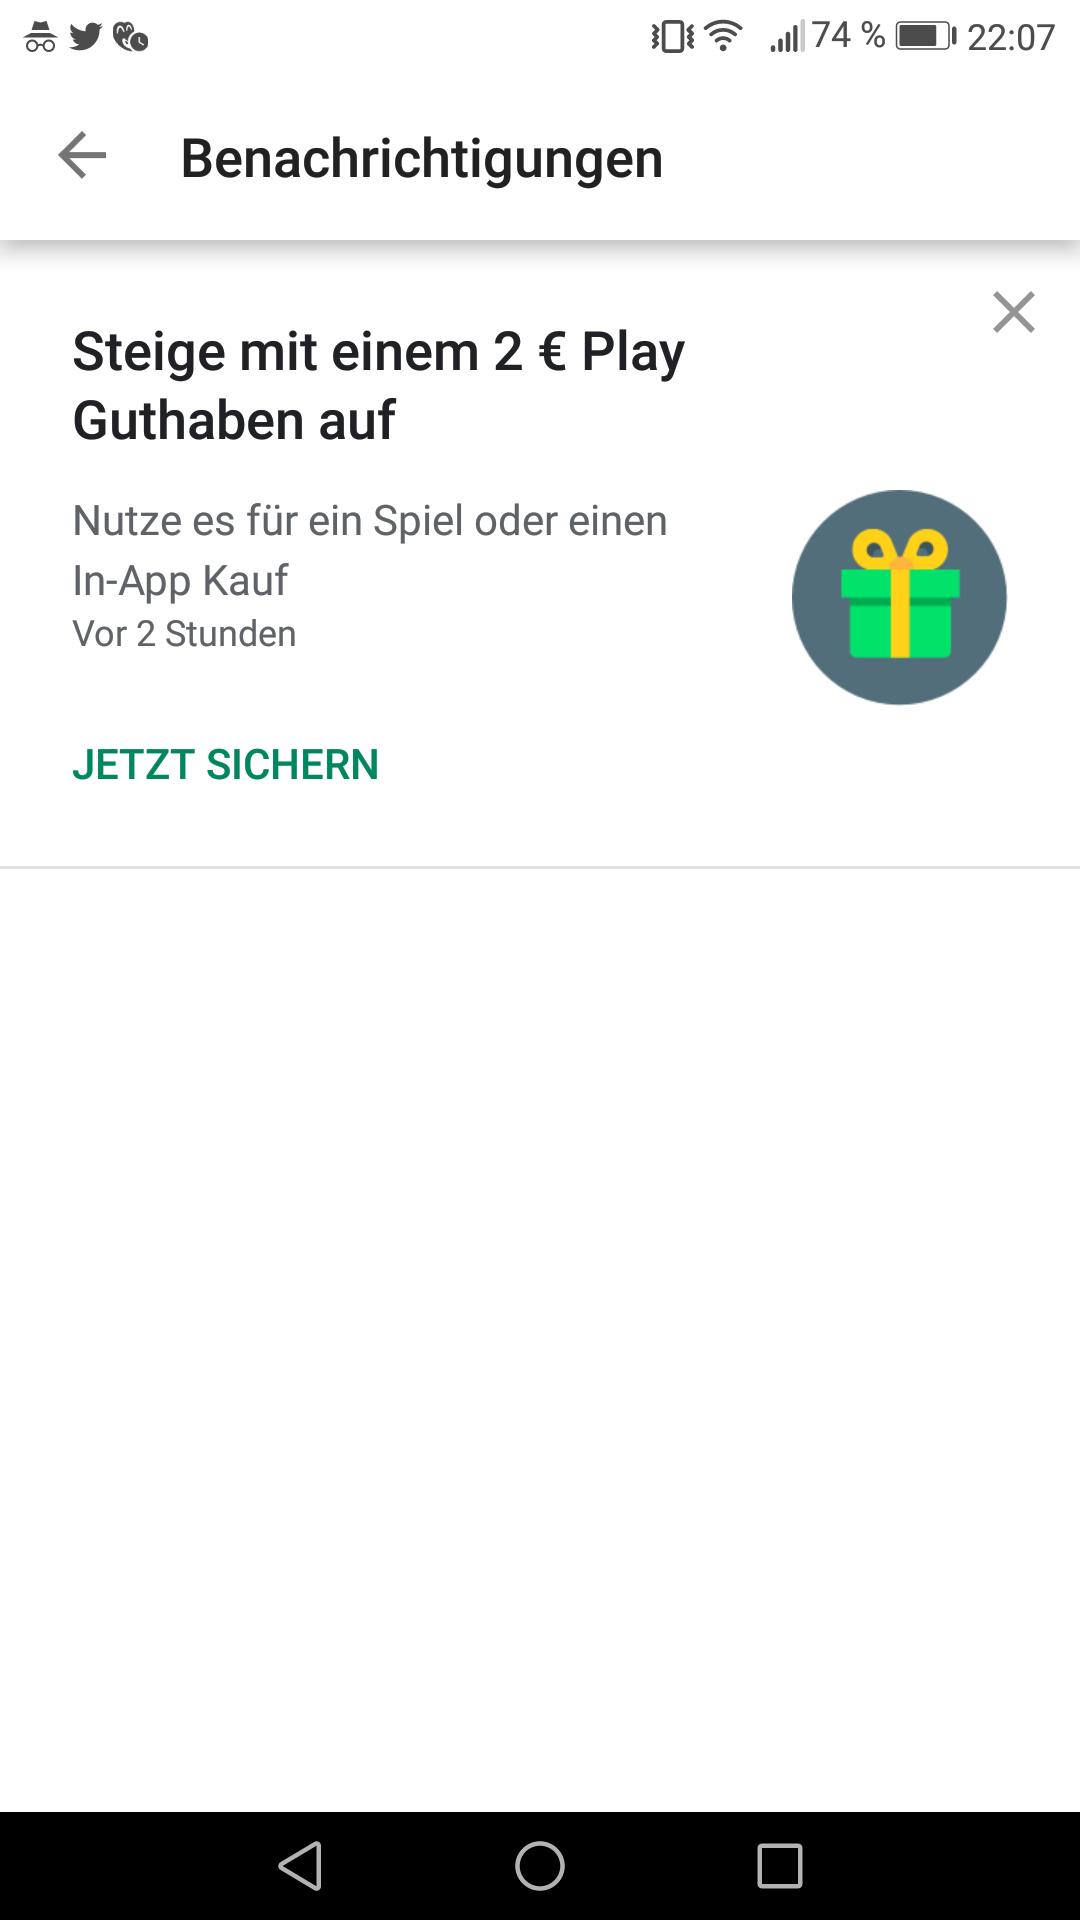 2EUR Play Store Guthaben Fur In App Kaufe Geschenkt Ausgewahlte